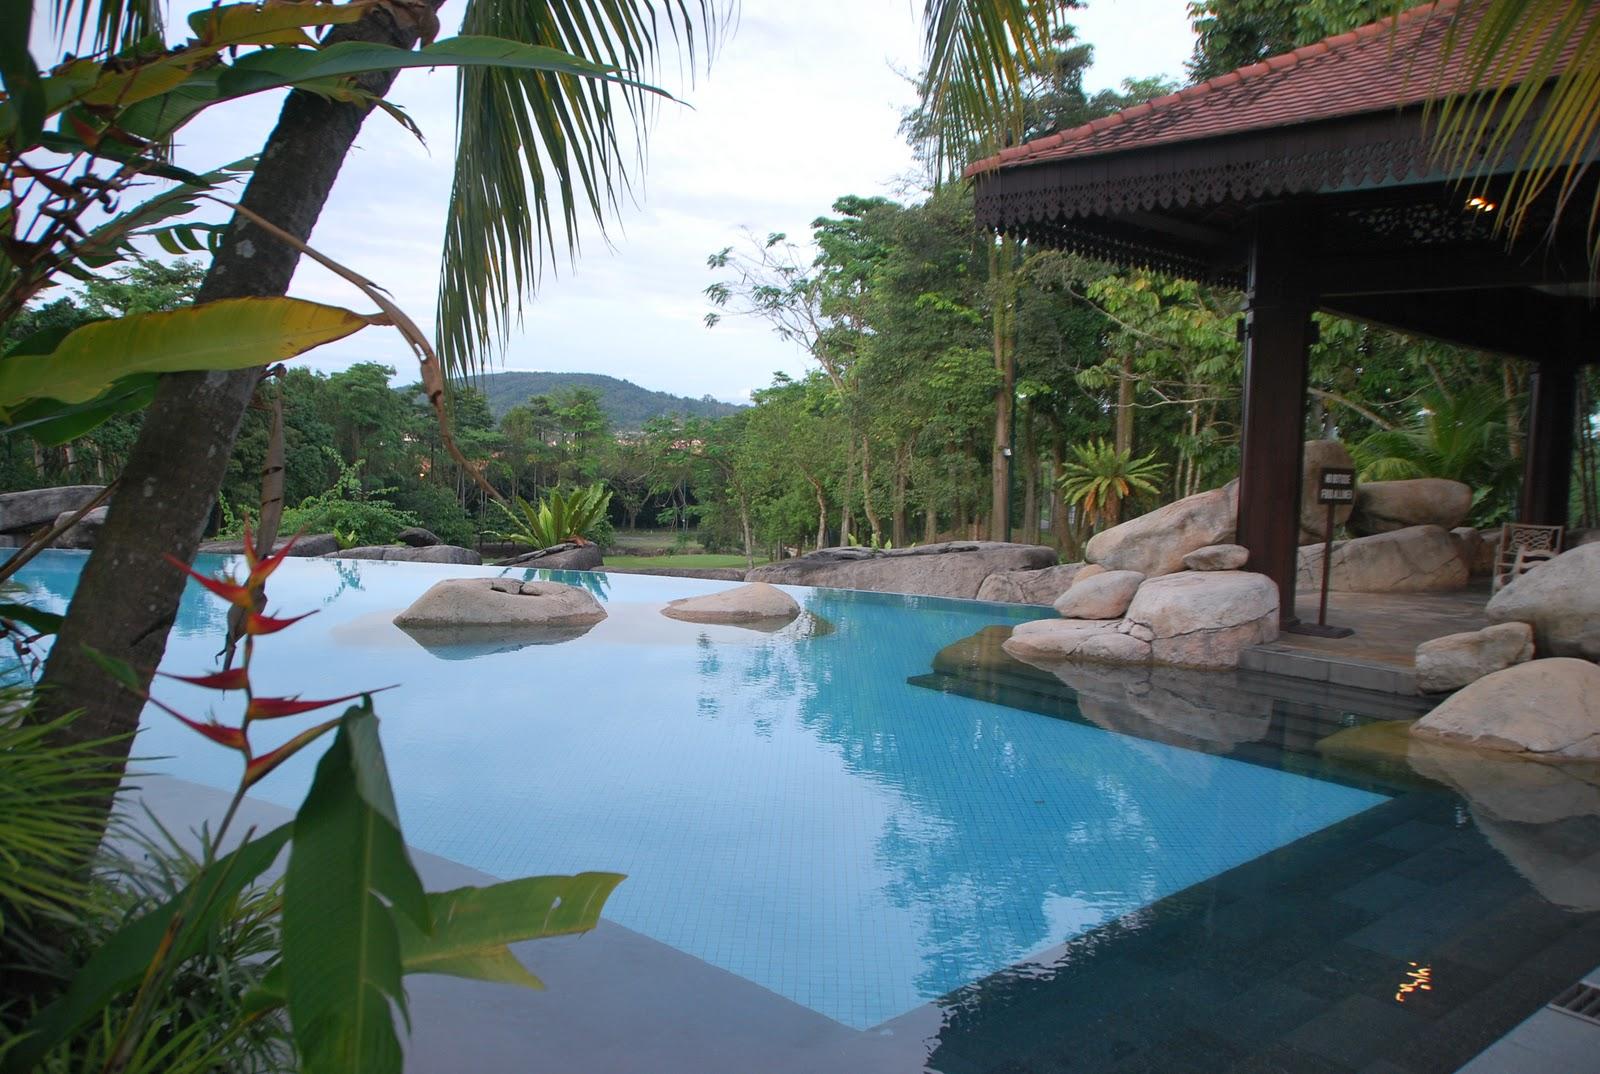 4th swimming pool Sebelah 2nd swimming pool More santai and relax